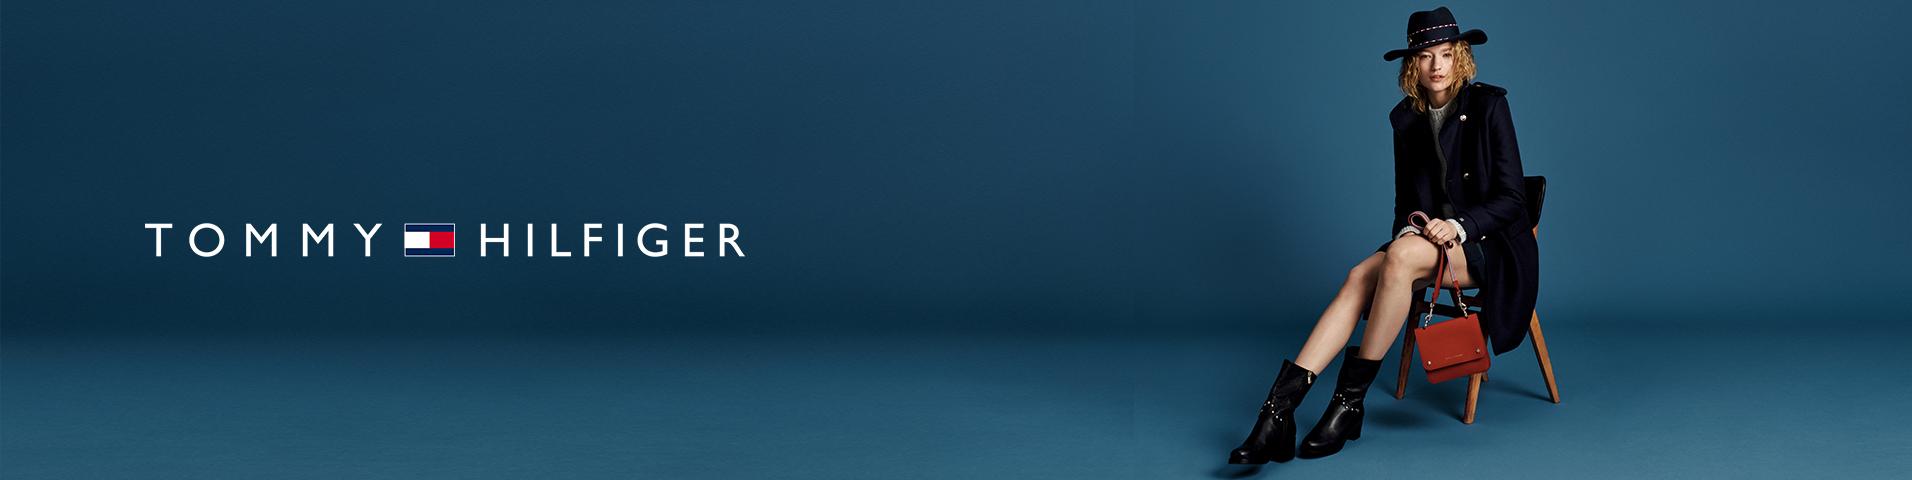 7a7d98d58347 Tommy Hilfiger Online Shop   Tommy Hilfiger online bestellen bei Zalando